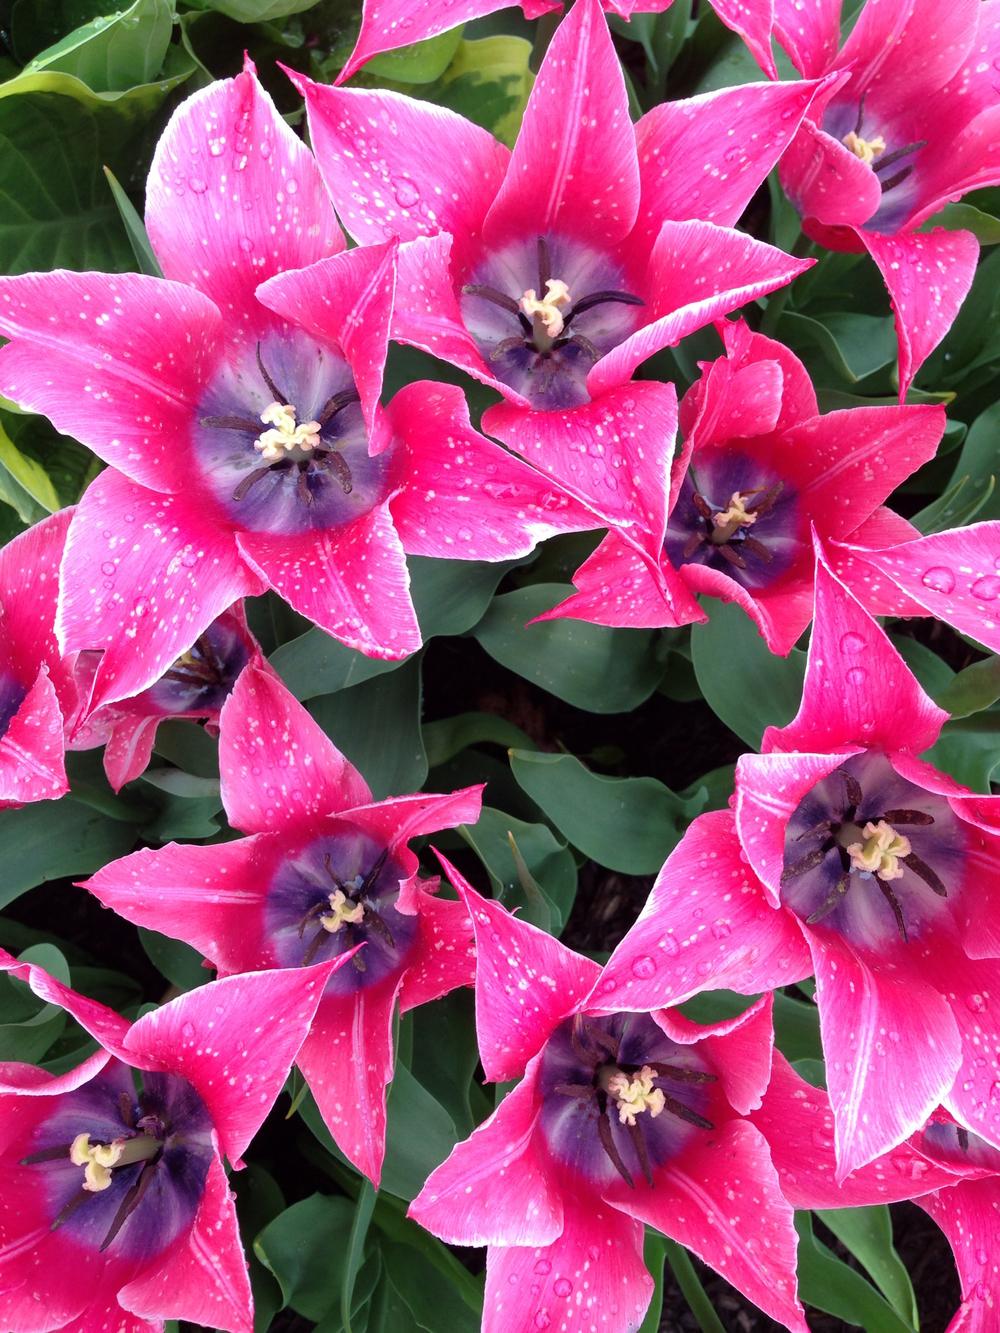 NE_Flowers_084.jpg